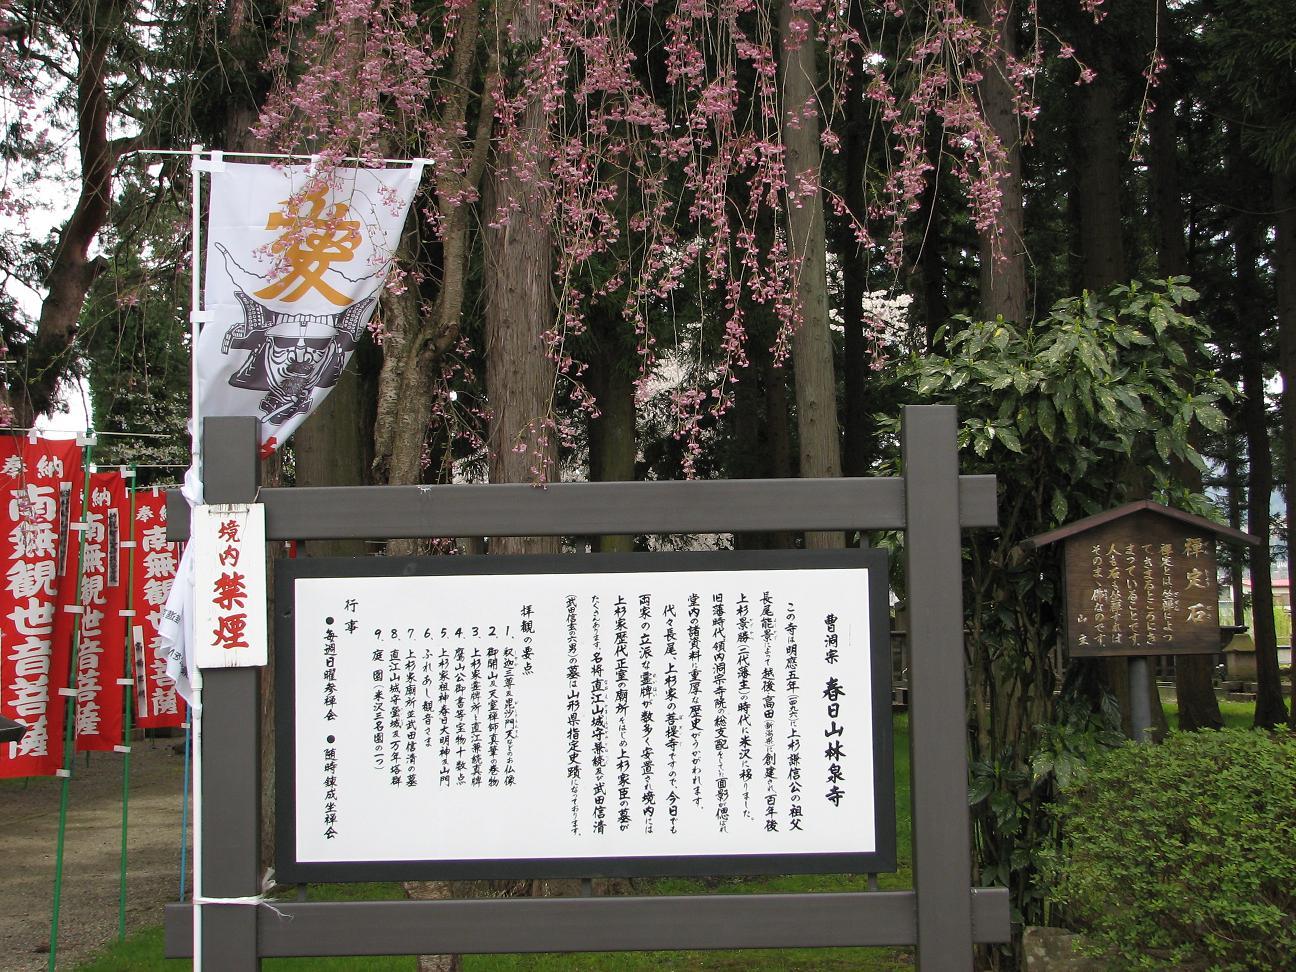 春日山 林泉寺 の案内_c0075701_19492688.jpg